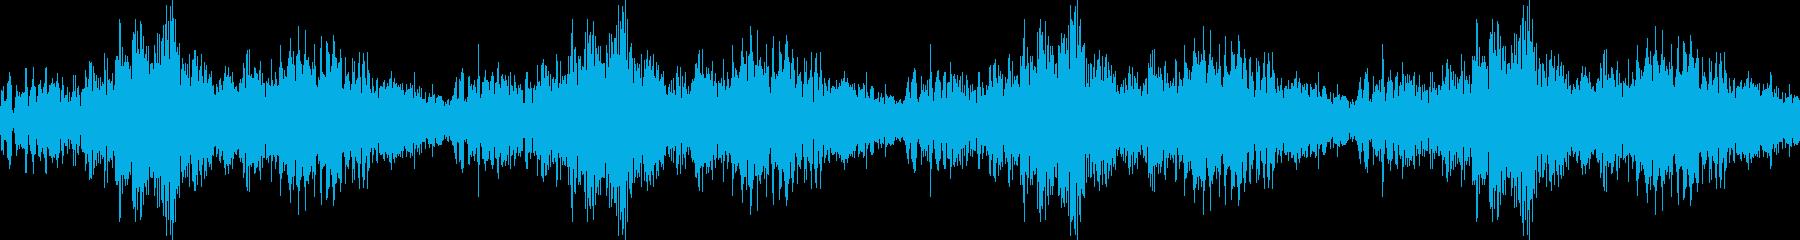 アラート音 LOOP有り 危険度高の再生済みの波形